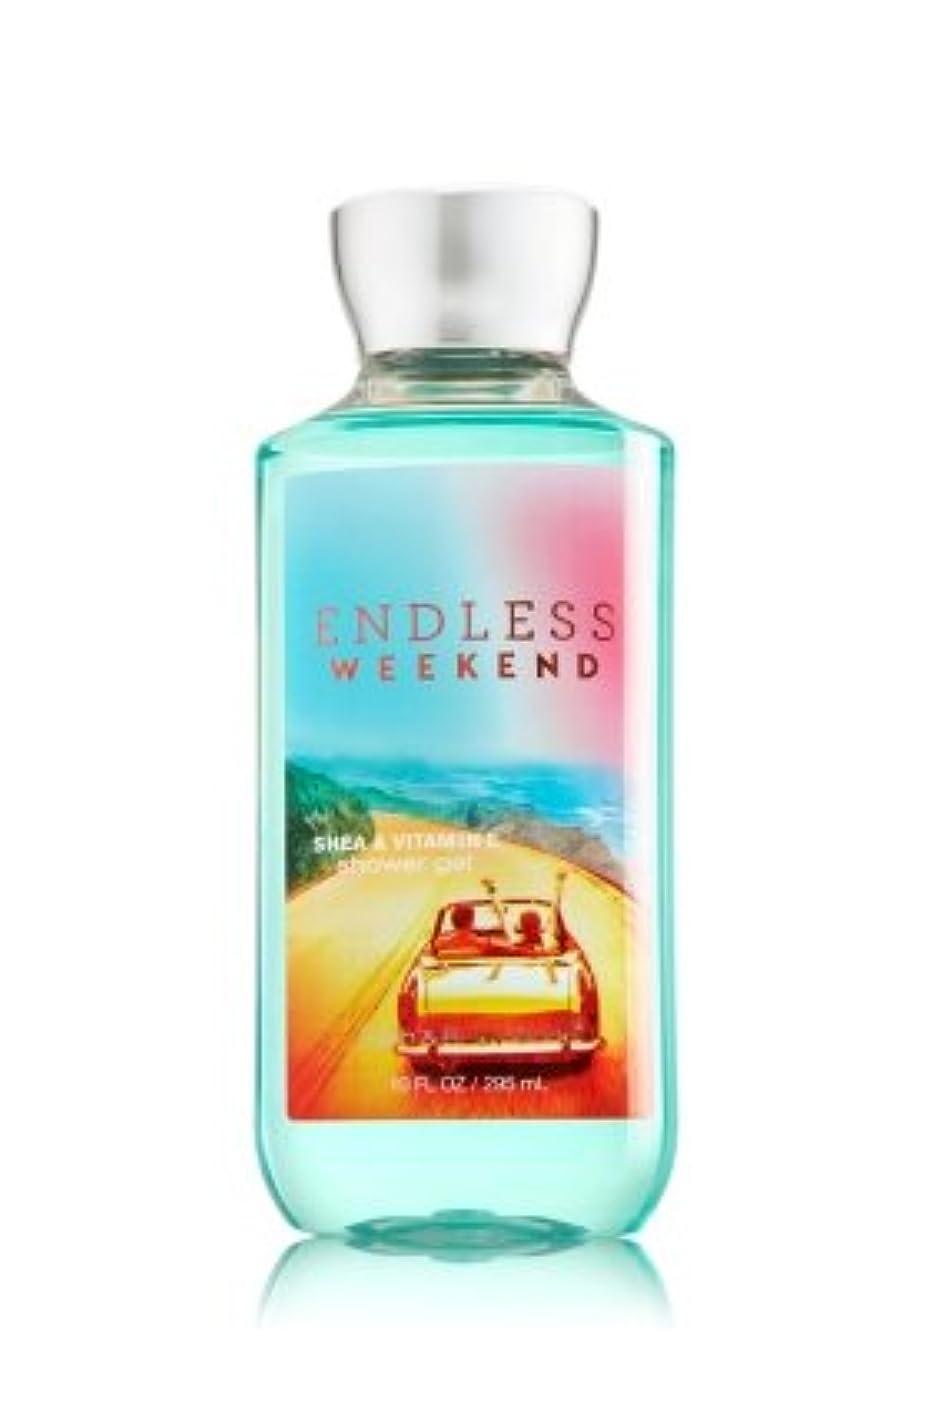 のぞき穴サイトライン移民【Bath&Body Works/バス&ボディワークス】 シャワージェル エンドレスウィークエンド Shower Gel Endless Weekend 10 fl oz / 295 mL [並行輸入品]